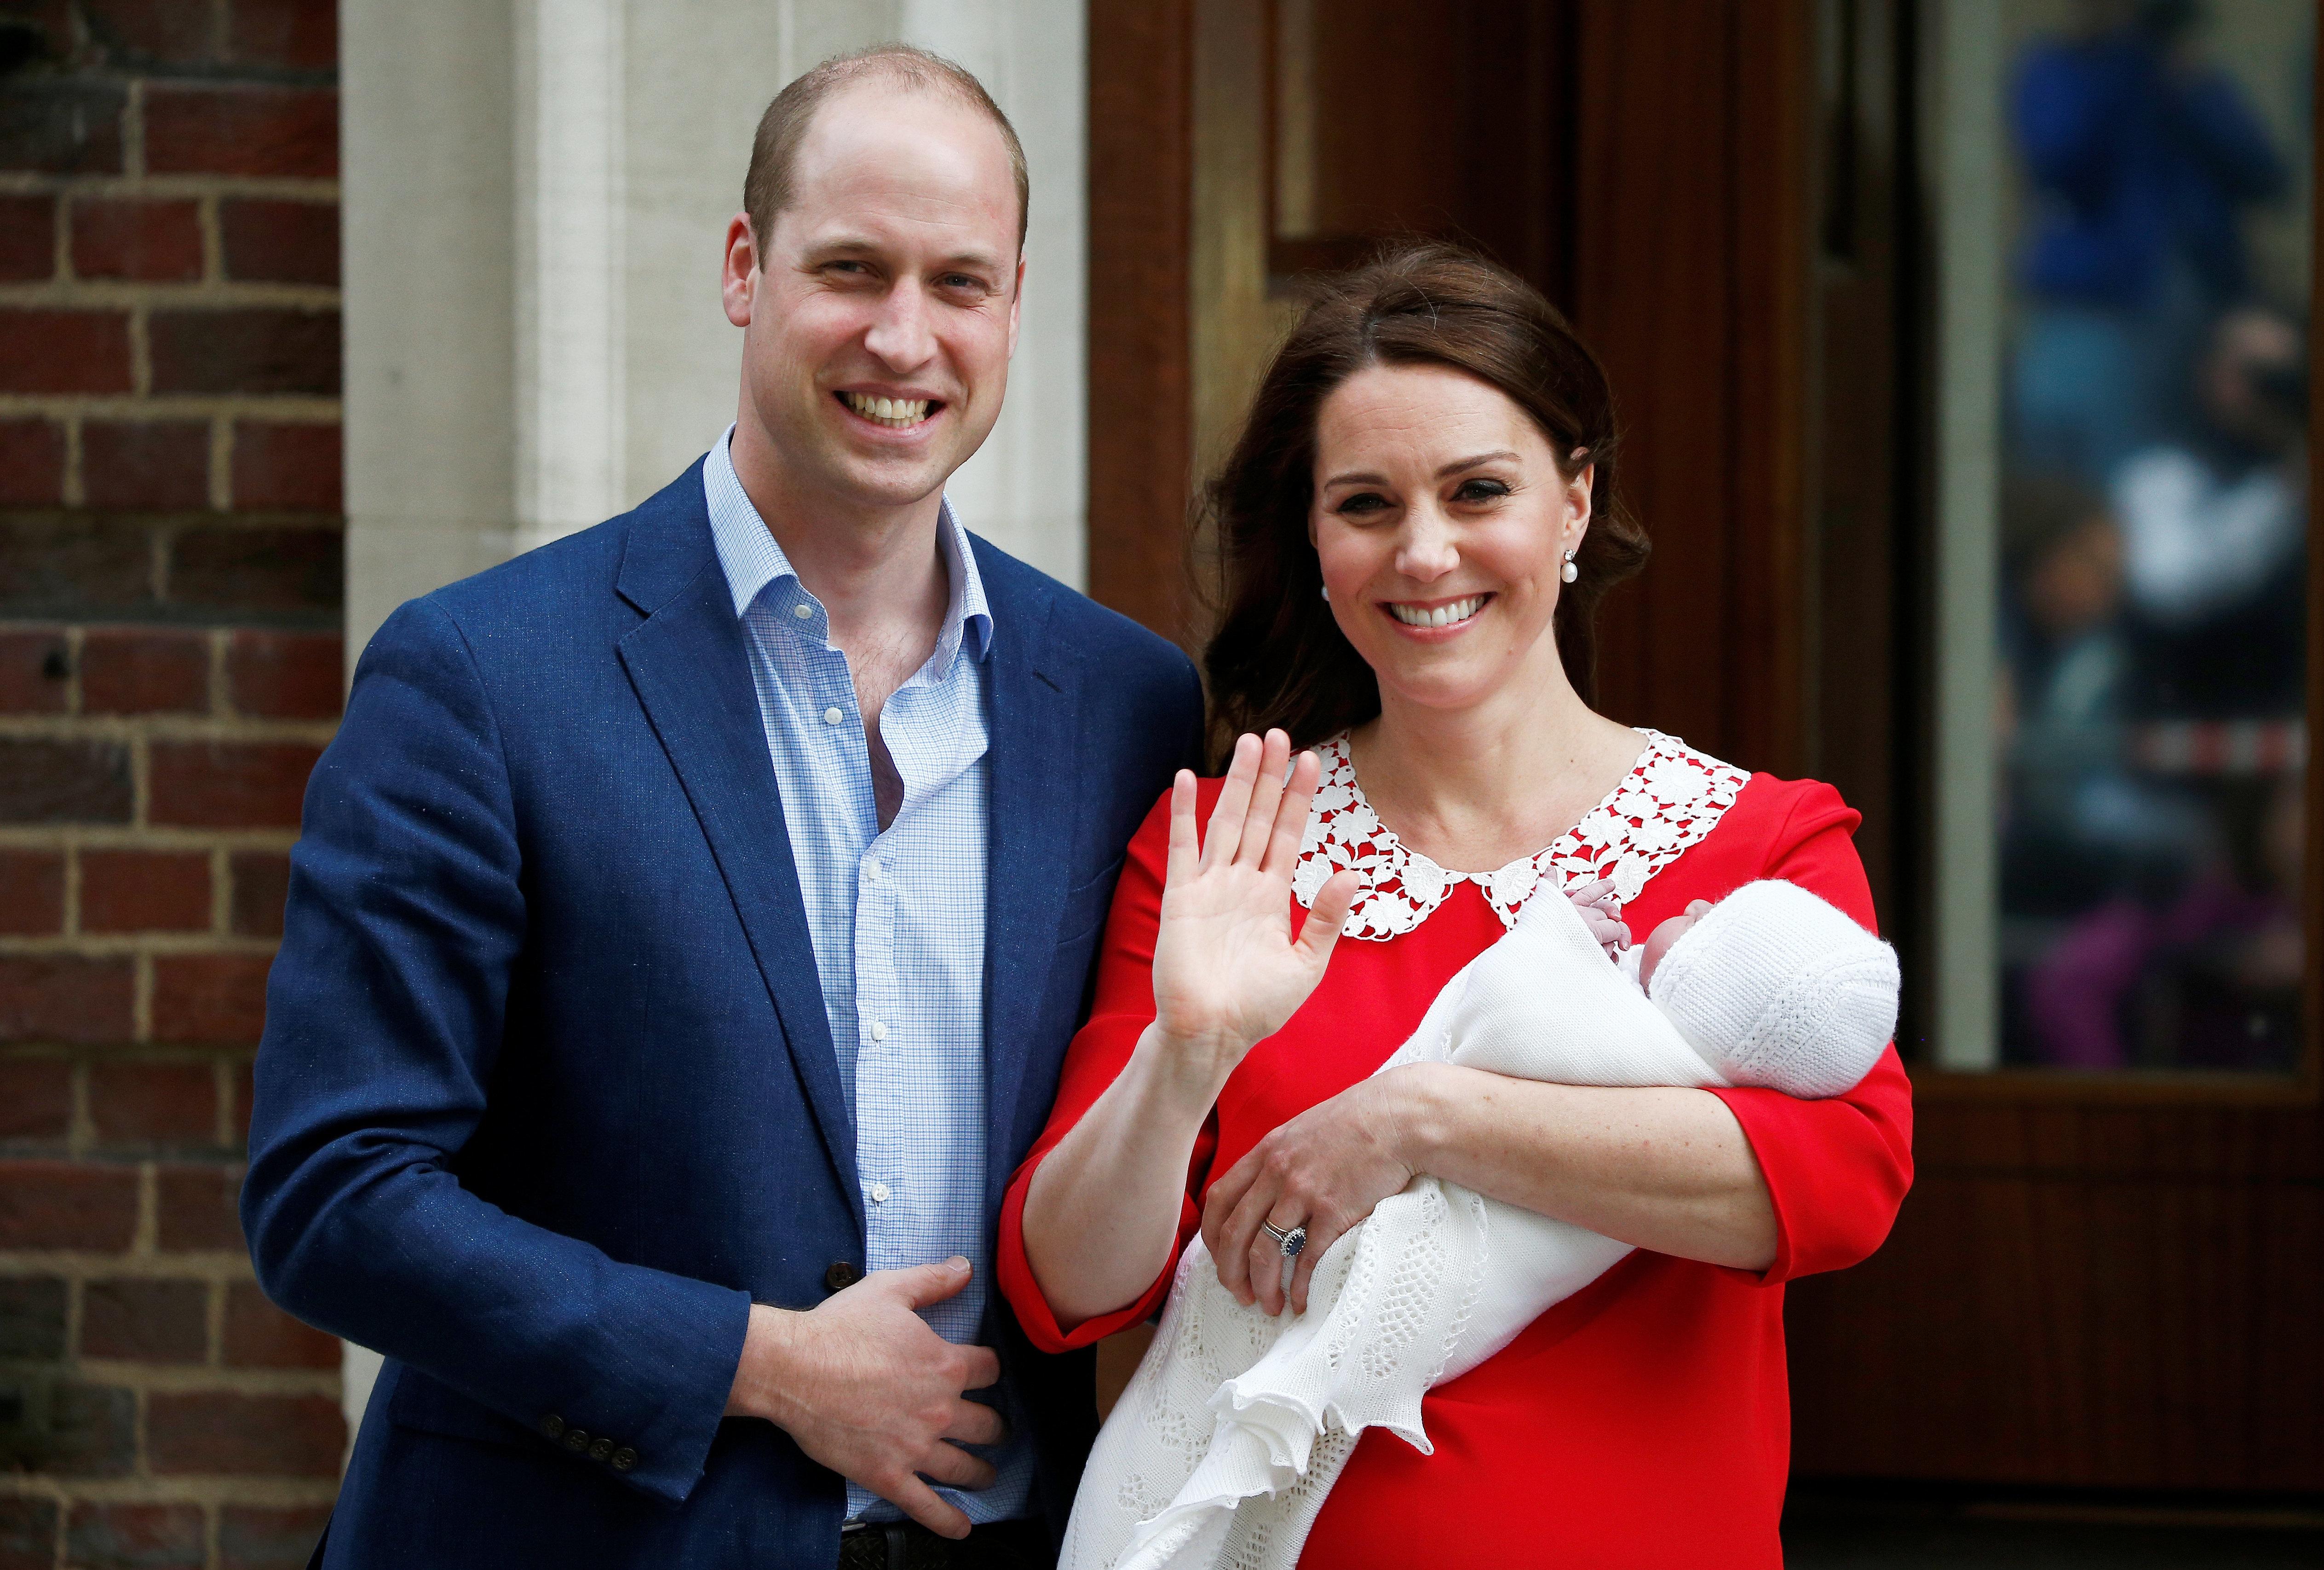 영국 윌리엄 왕세손 셋째 아이의 이름이